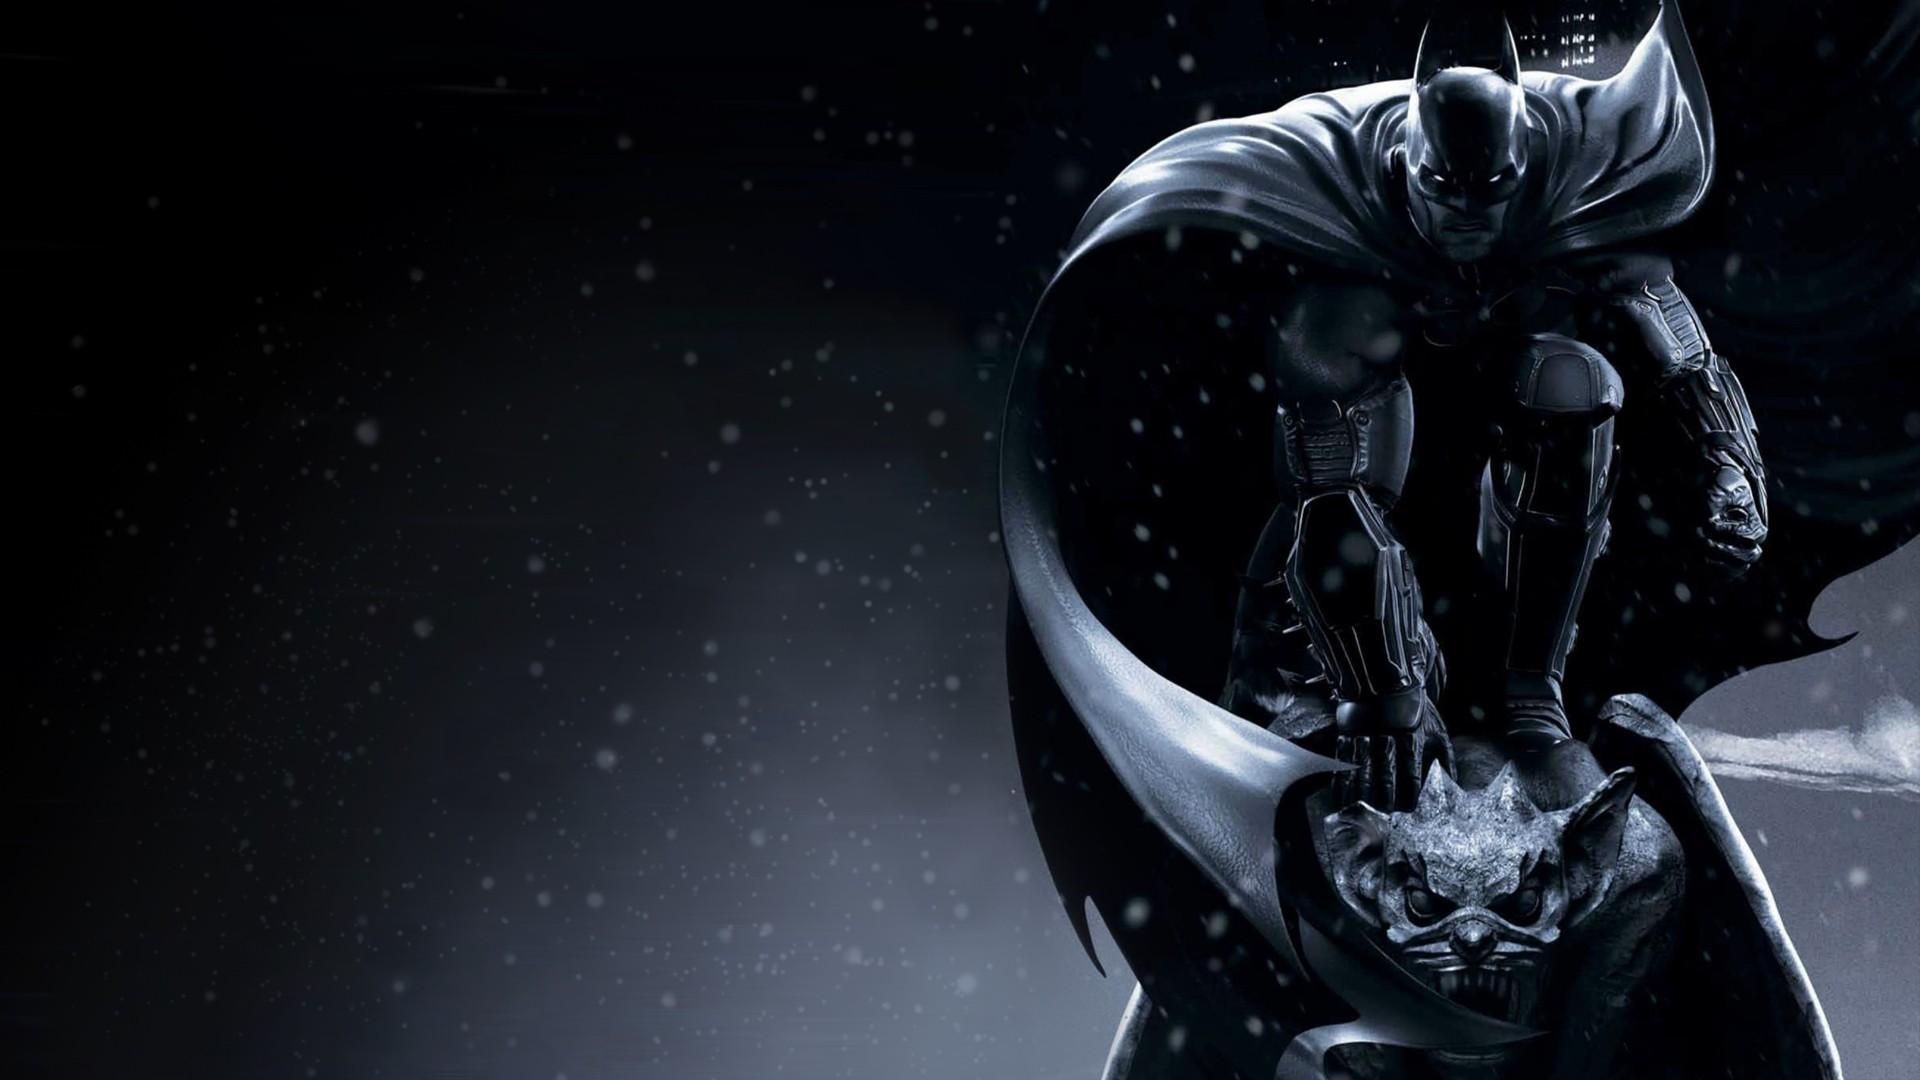 Batman Wide Screen | Wide Screen Wallpaper 1080p,2K,4K